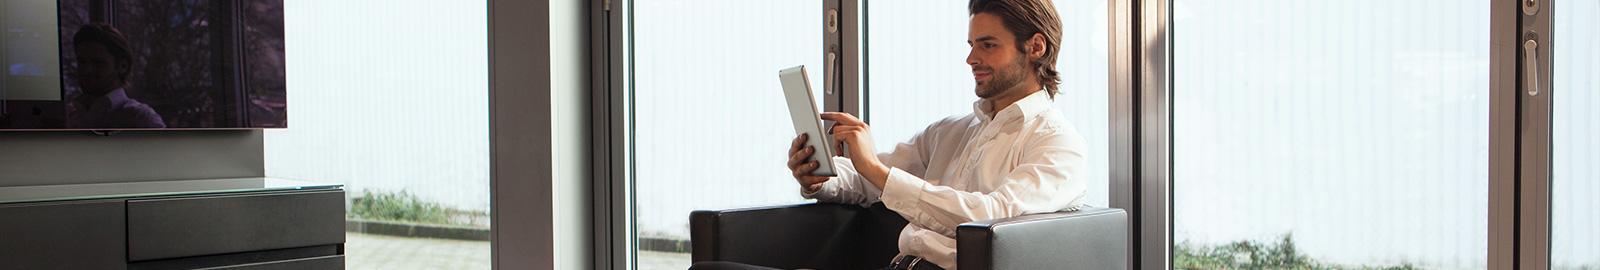 Viele möchten mit Smartphone bezahlen